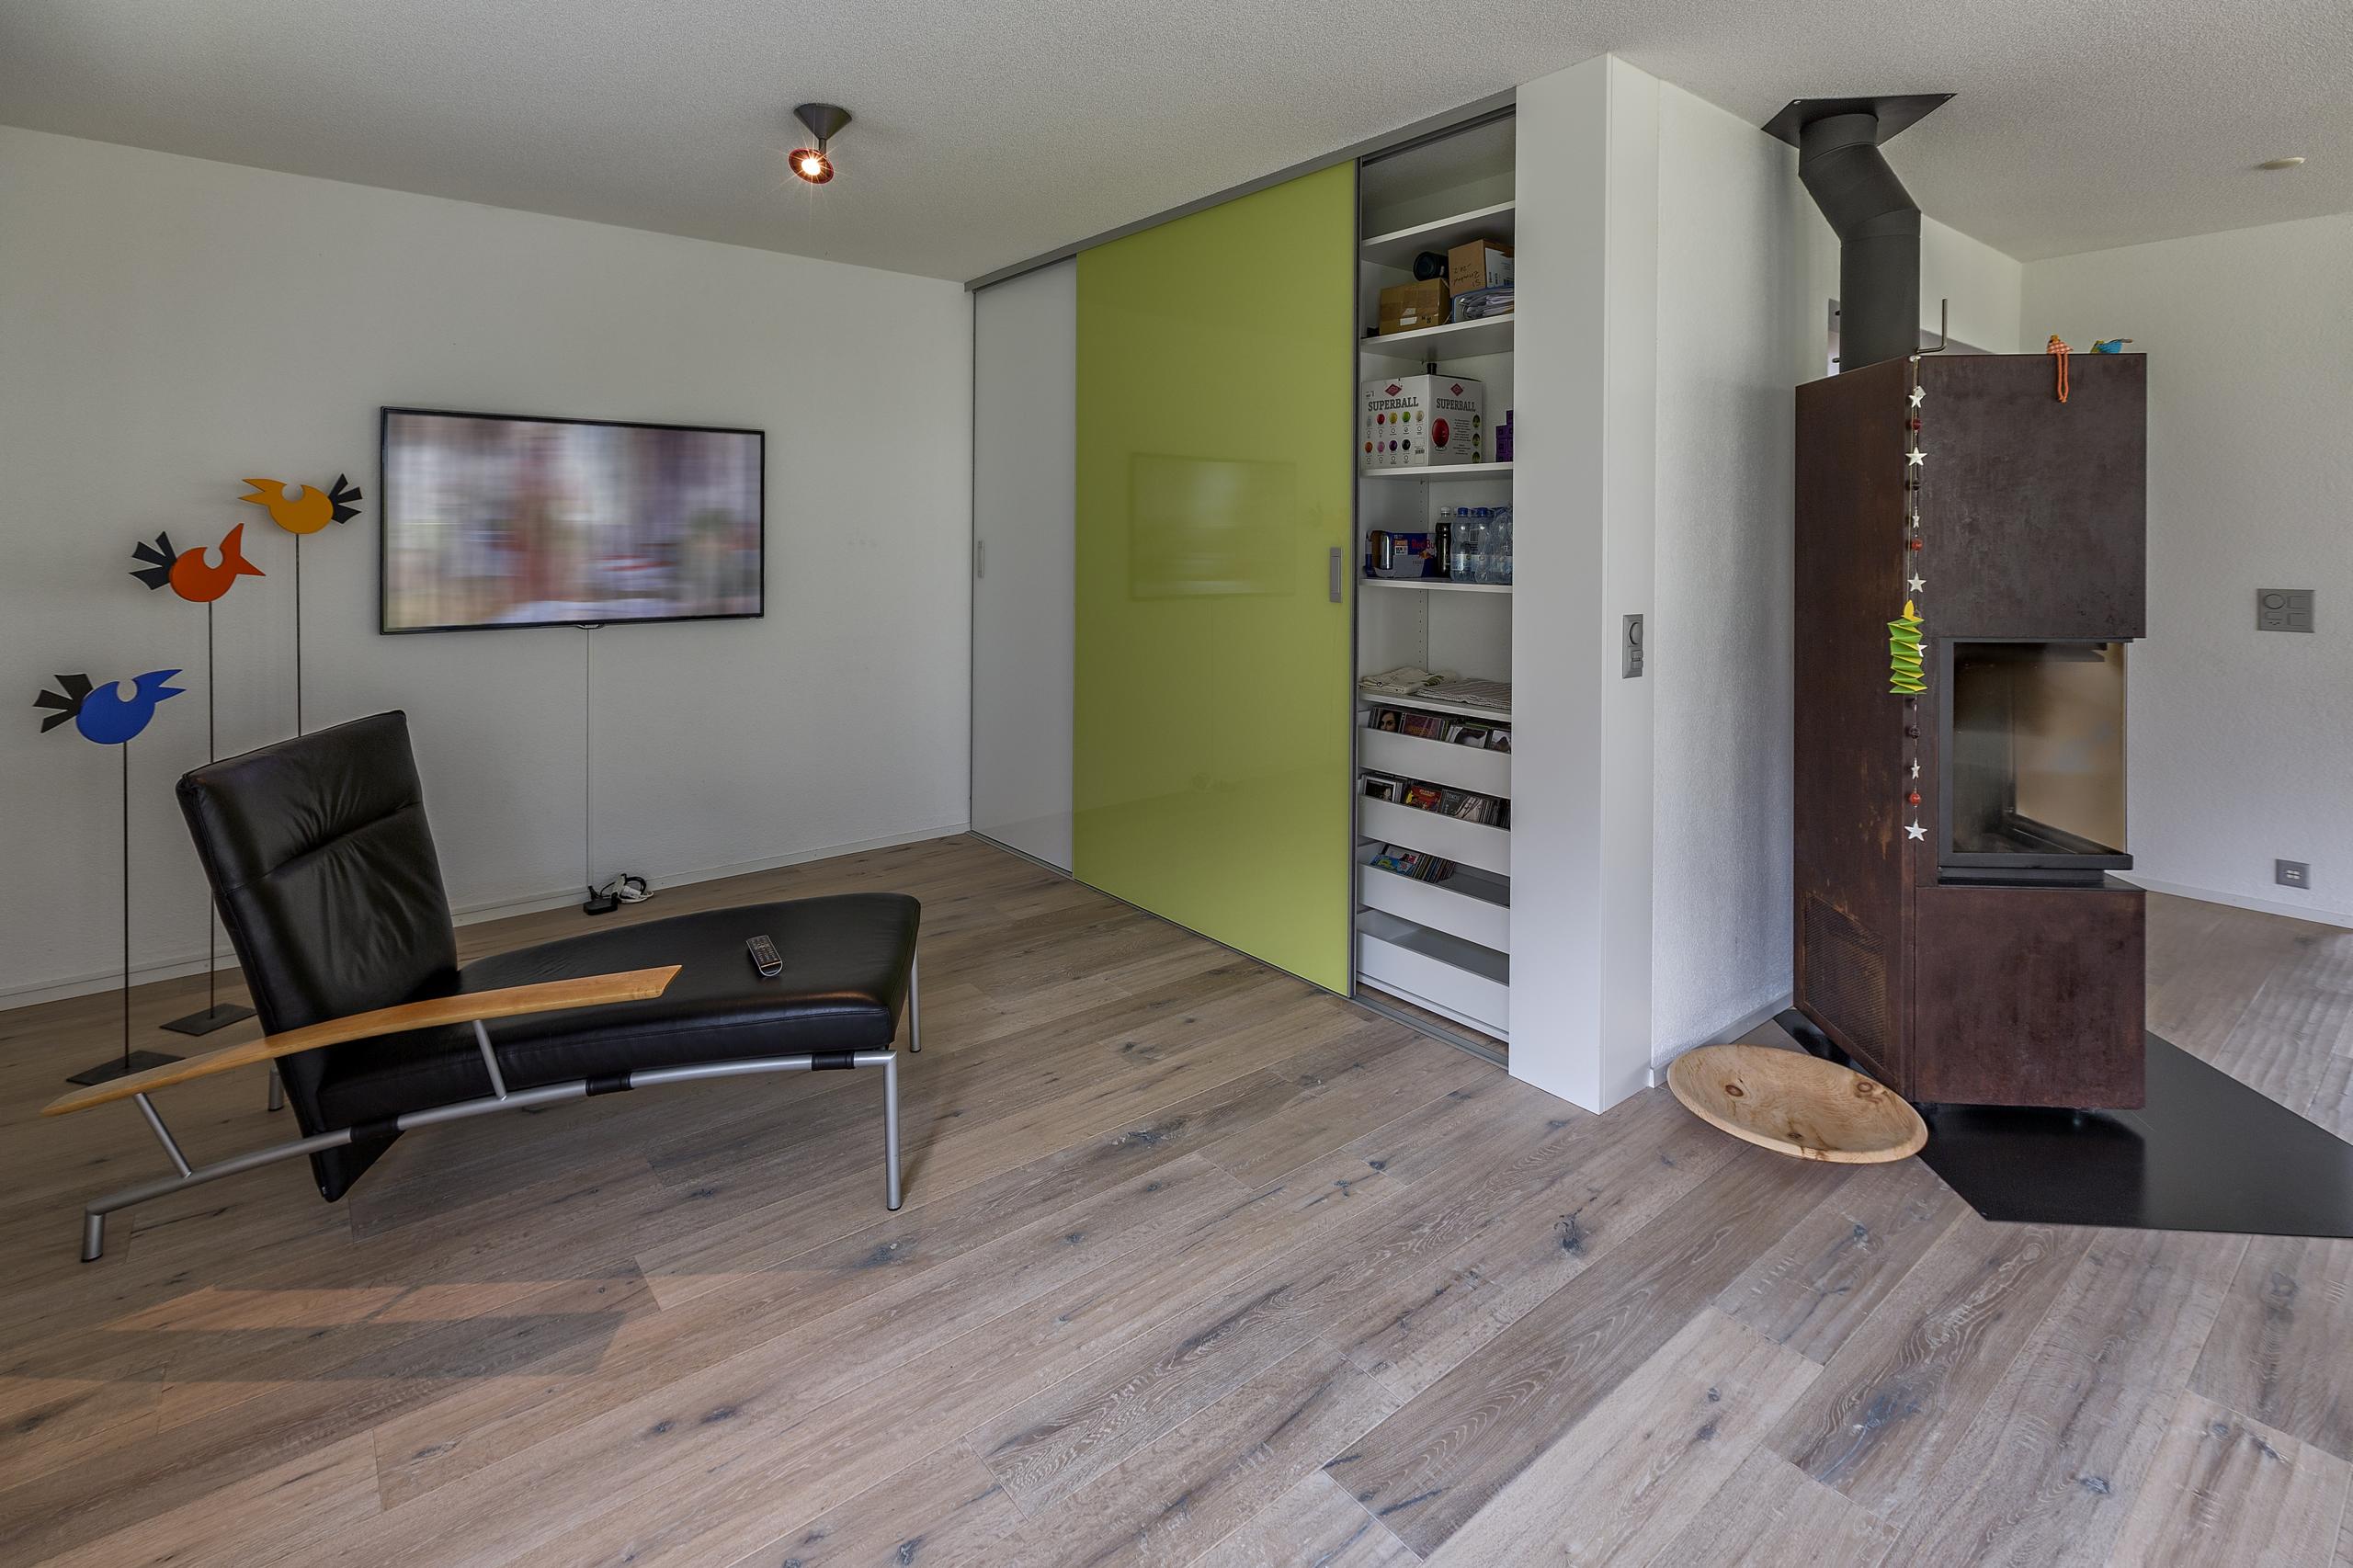 wohnzimmerschrank mit weisser und gr ner schiebet re auf zu. Black Bedroom Furniture Sets. Home Design Ideas